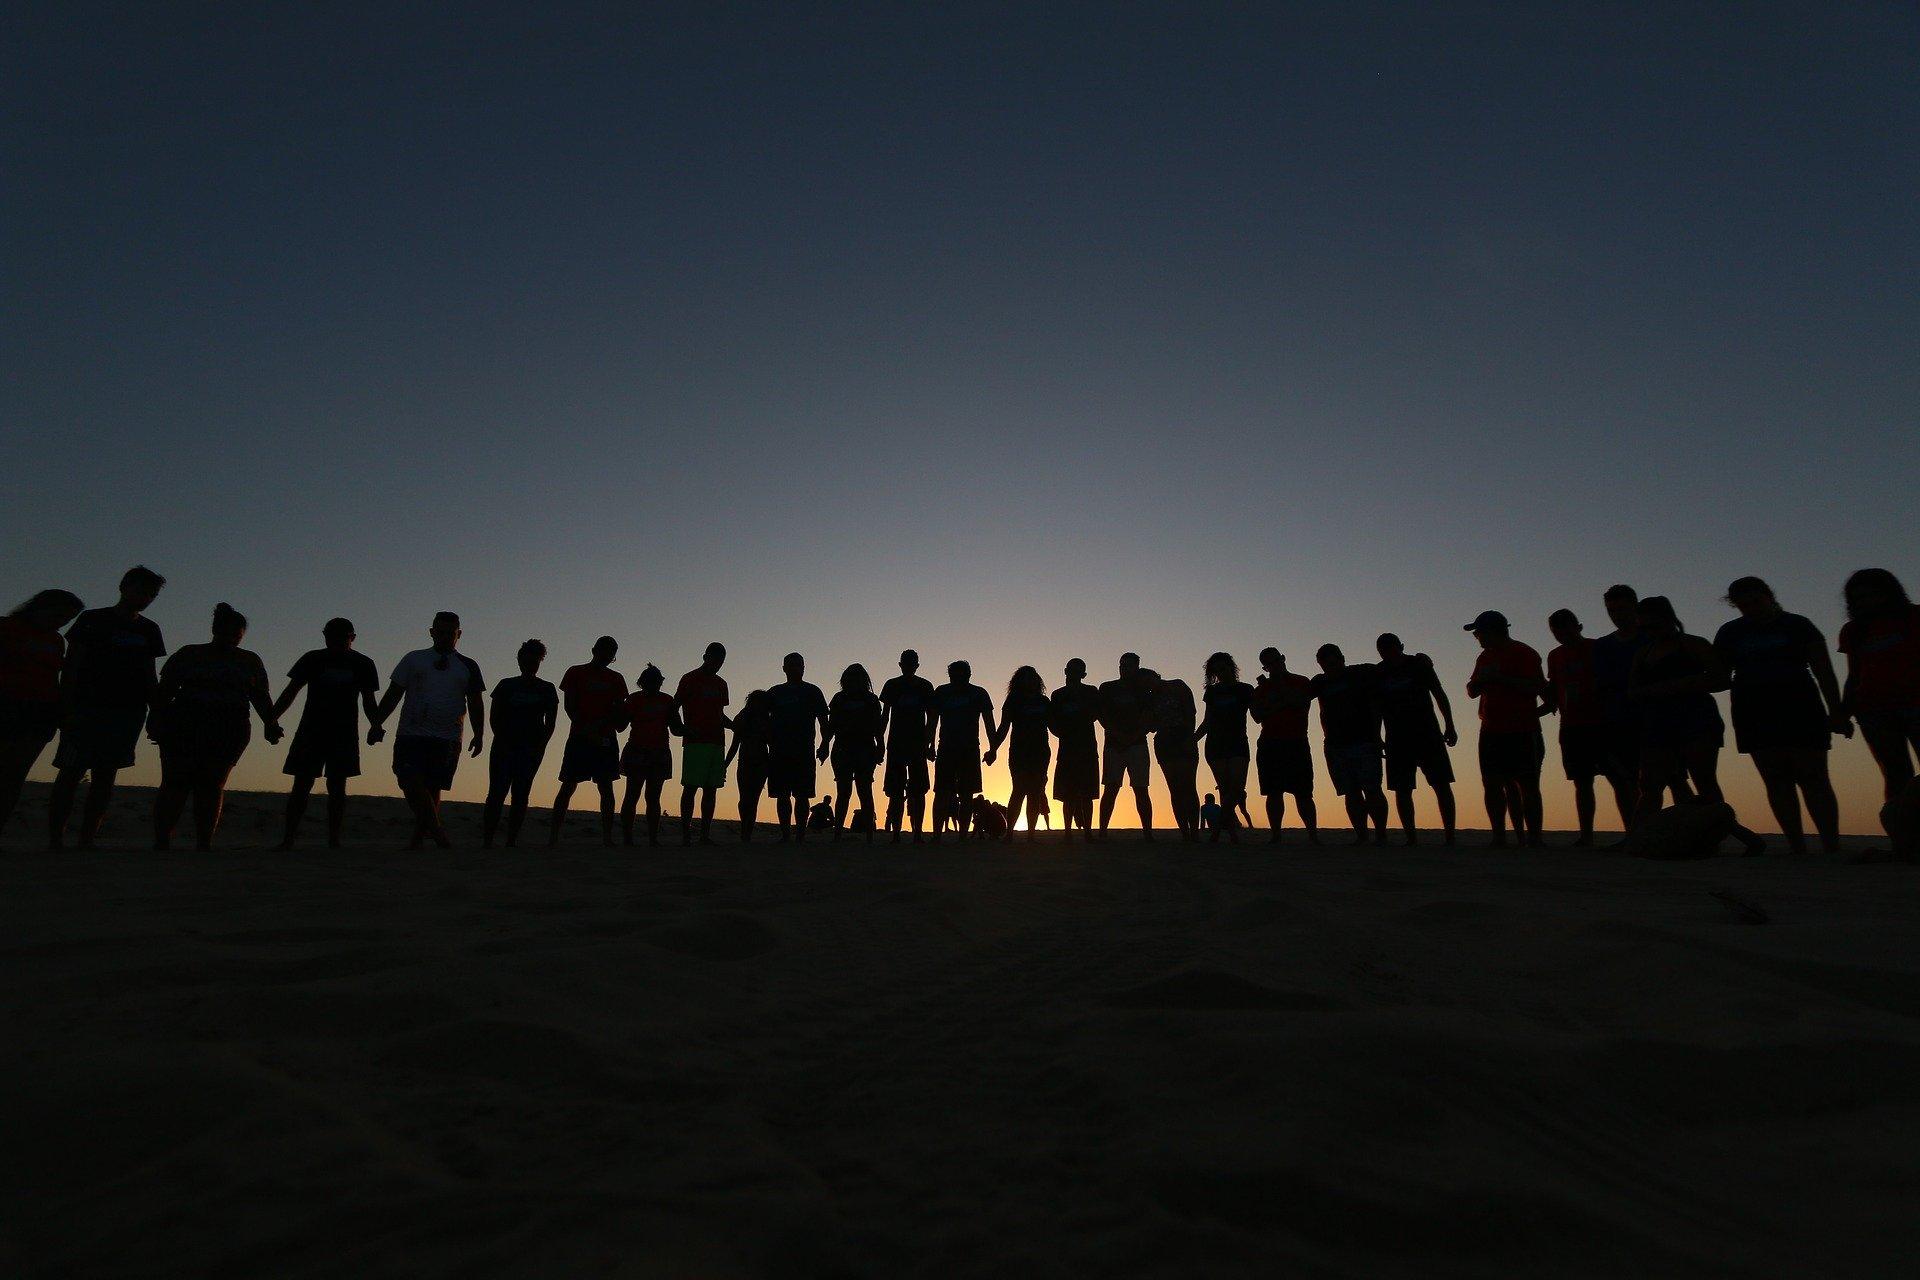 Quelque part en Europe, un groupe de personnes à la tombée de la nuit.